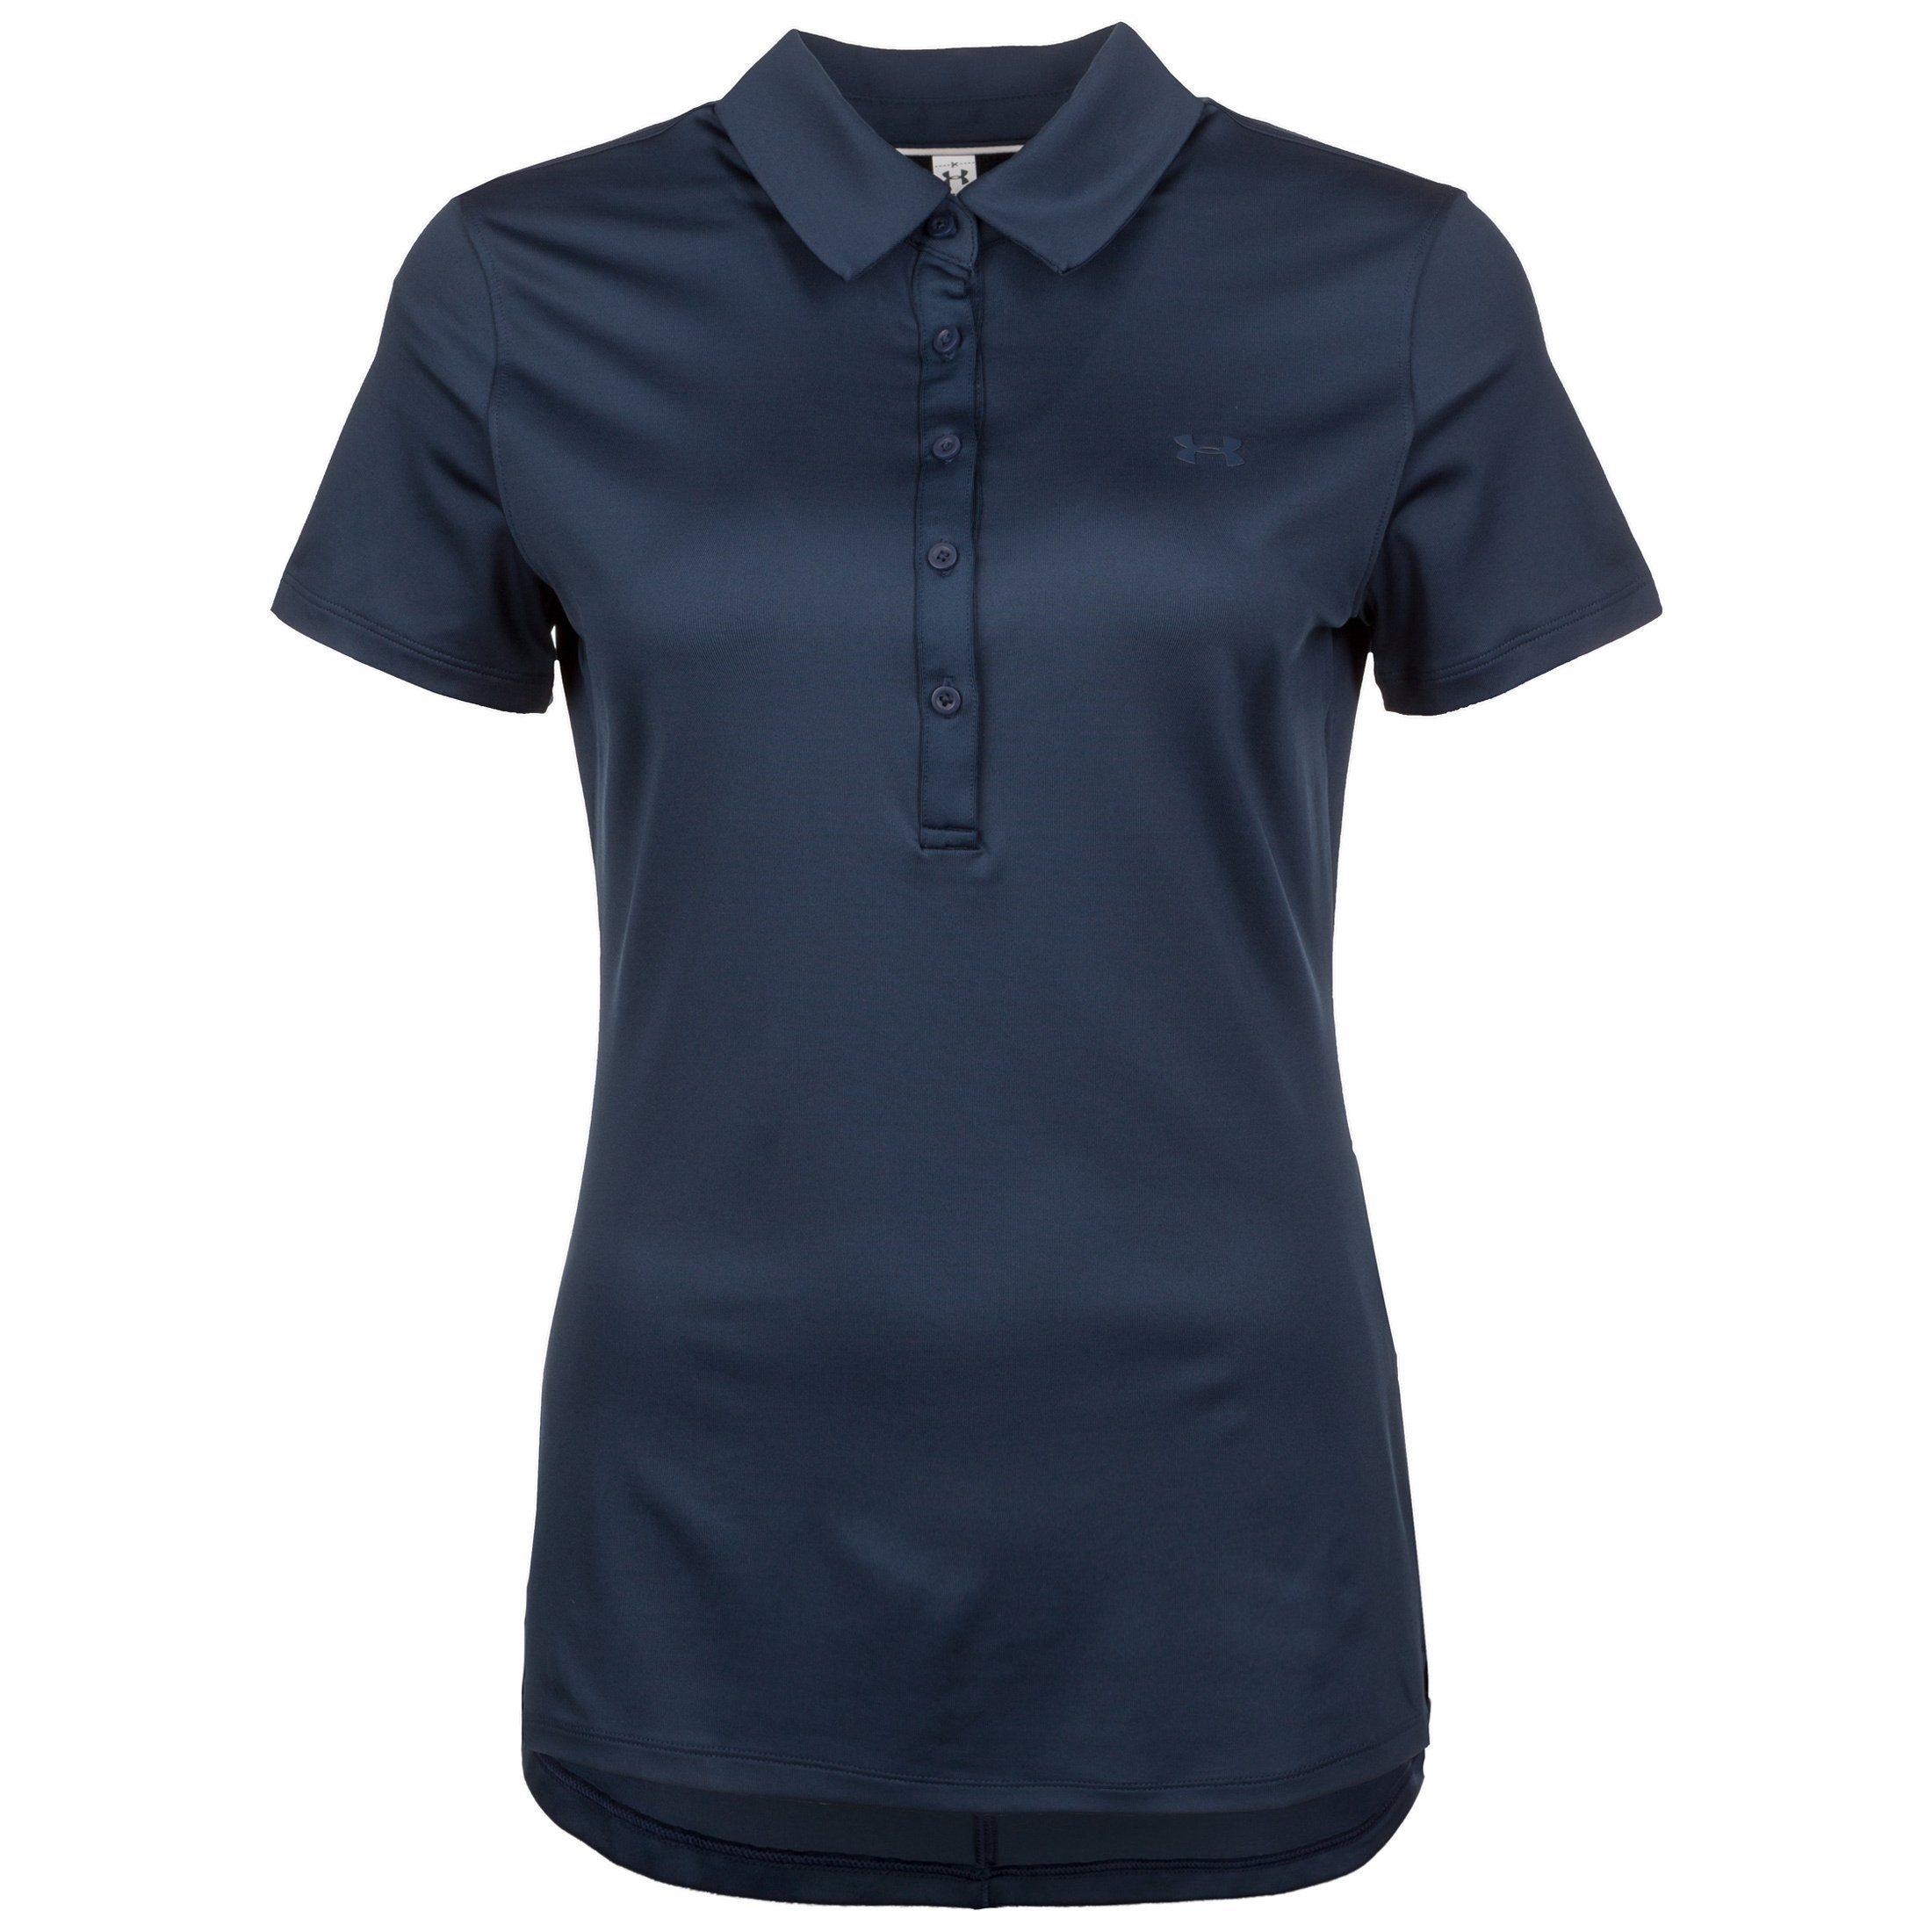 Under Armour Poloshirt Heatgear Zinger | Bekleidung > Shirts > Poloshirts | Blau | Under Armour